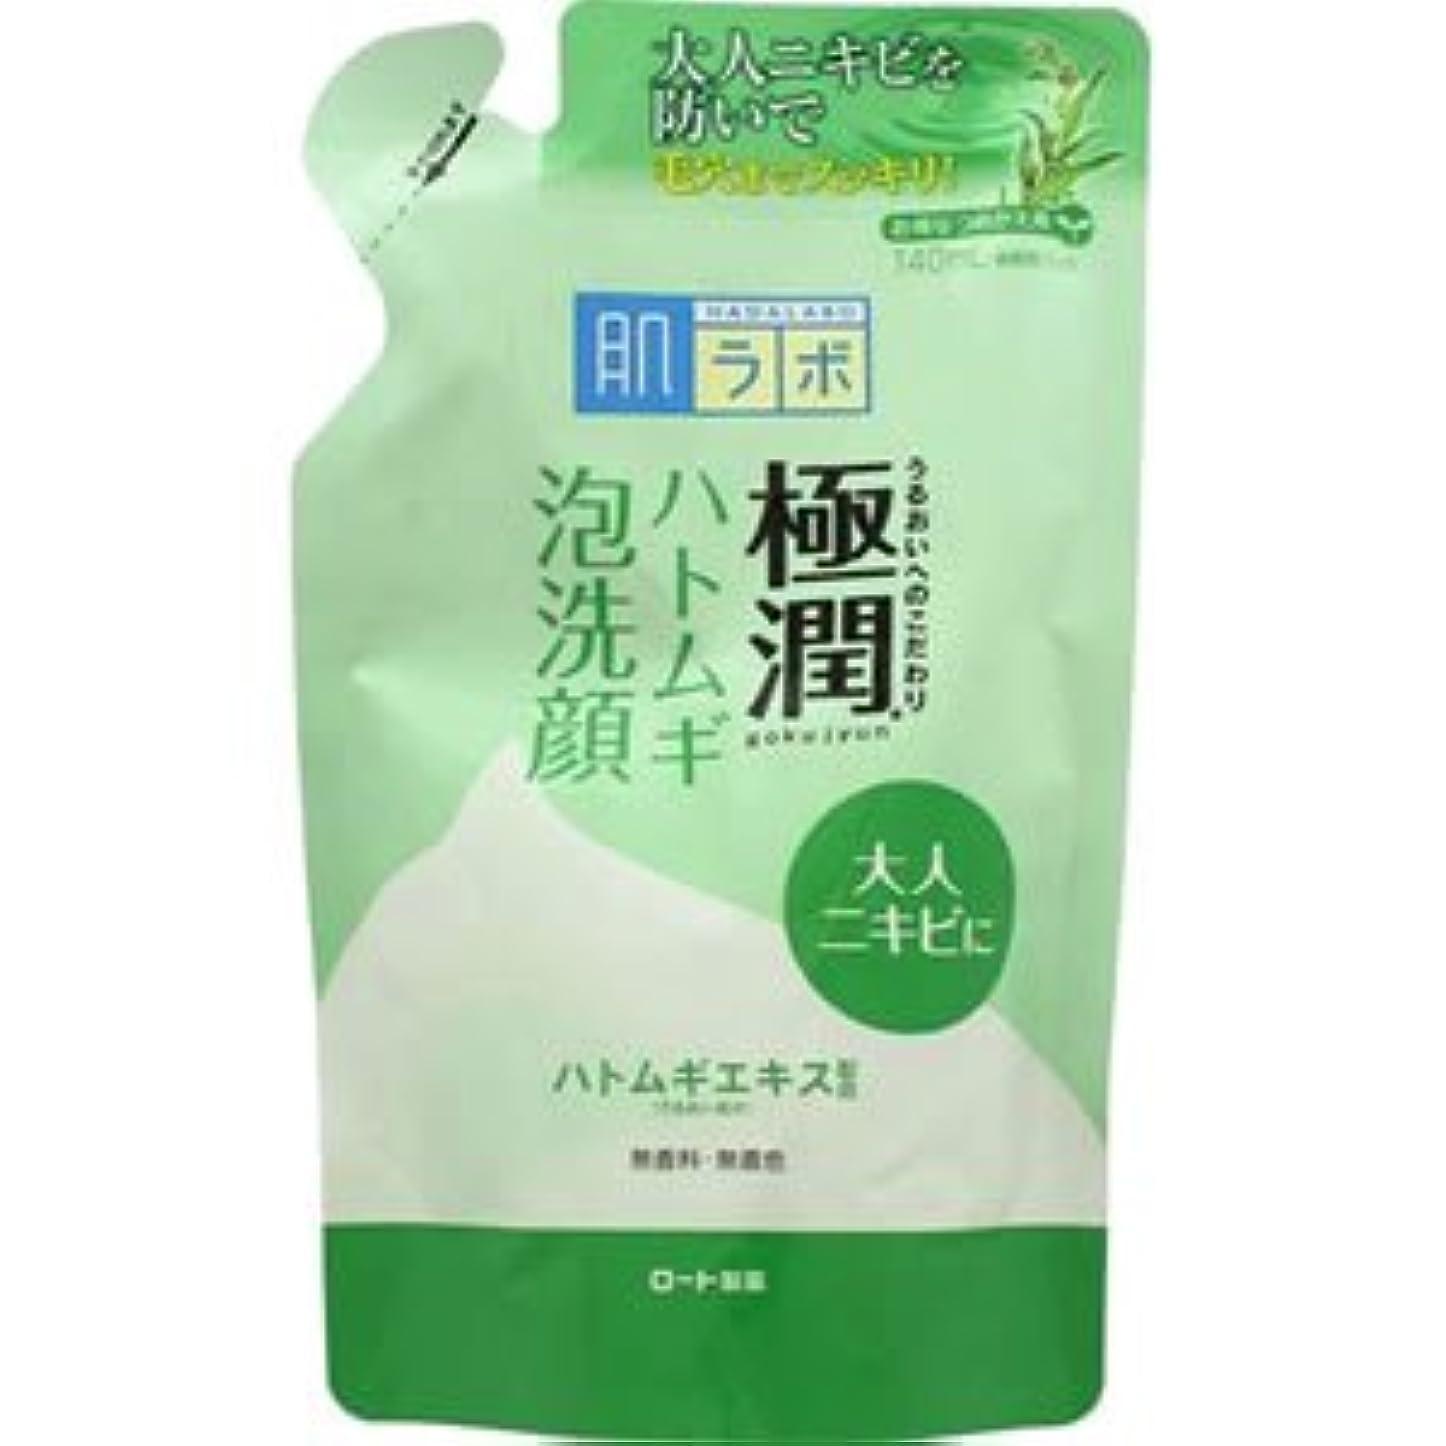 推定韓国語申込み(ロート製薬)肌研 極潤ハトムギ泡洗顔 140ml(つめかえ用)(お買い得3個セット)